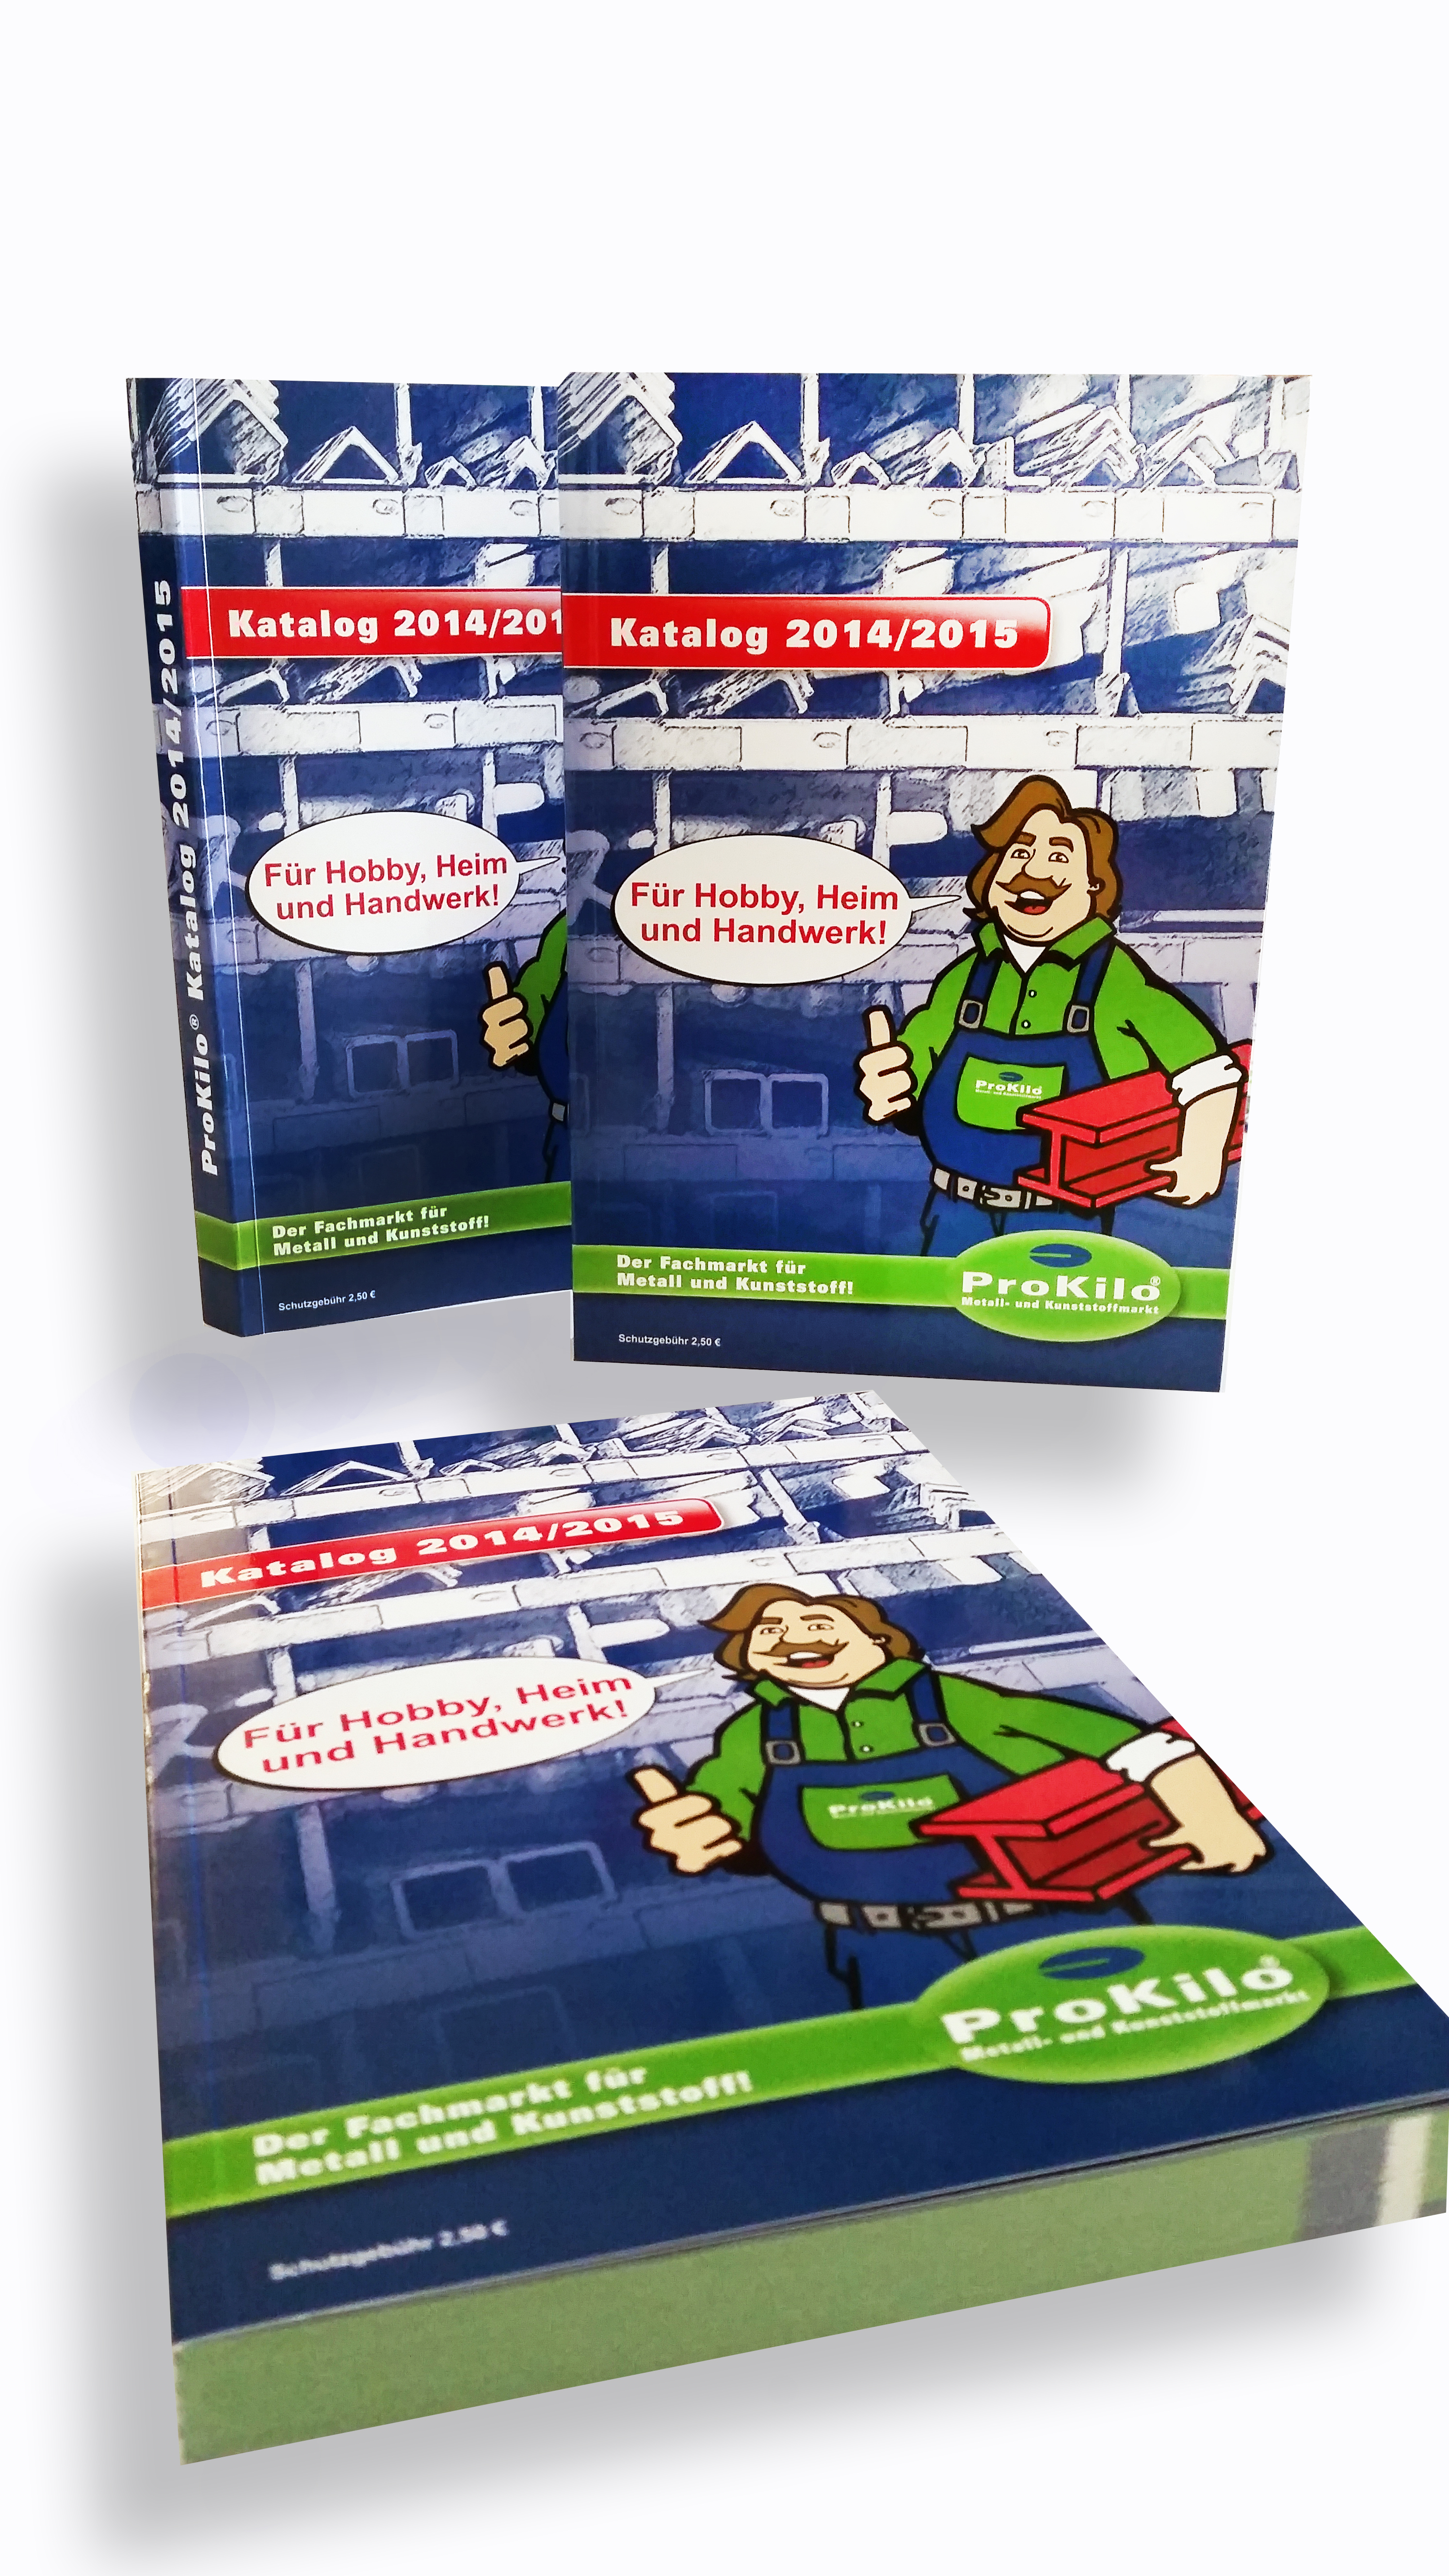 Prokilo metall und kunststoffmarktunser neuer katalog ist da for Neuer weltbild katalog